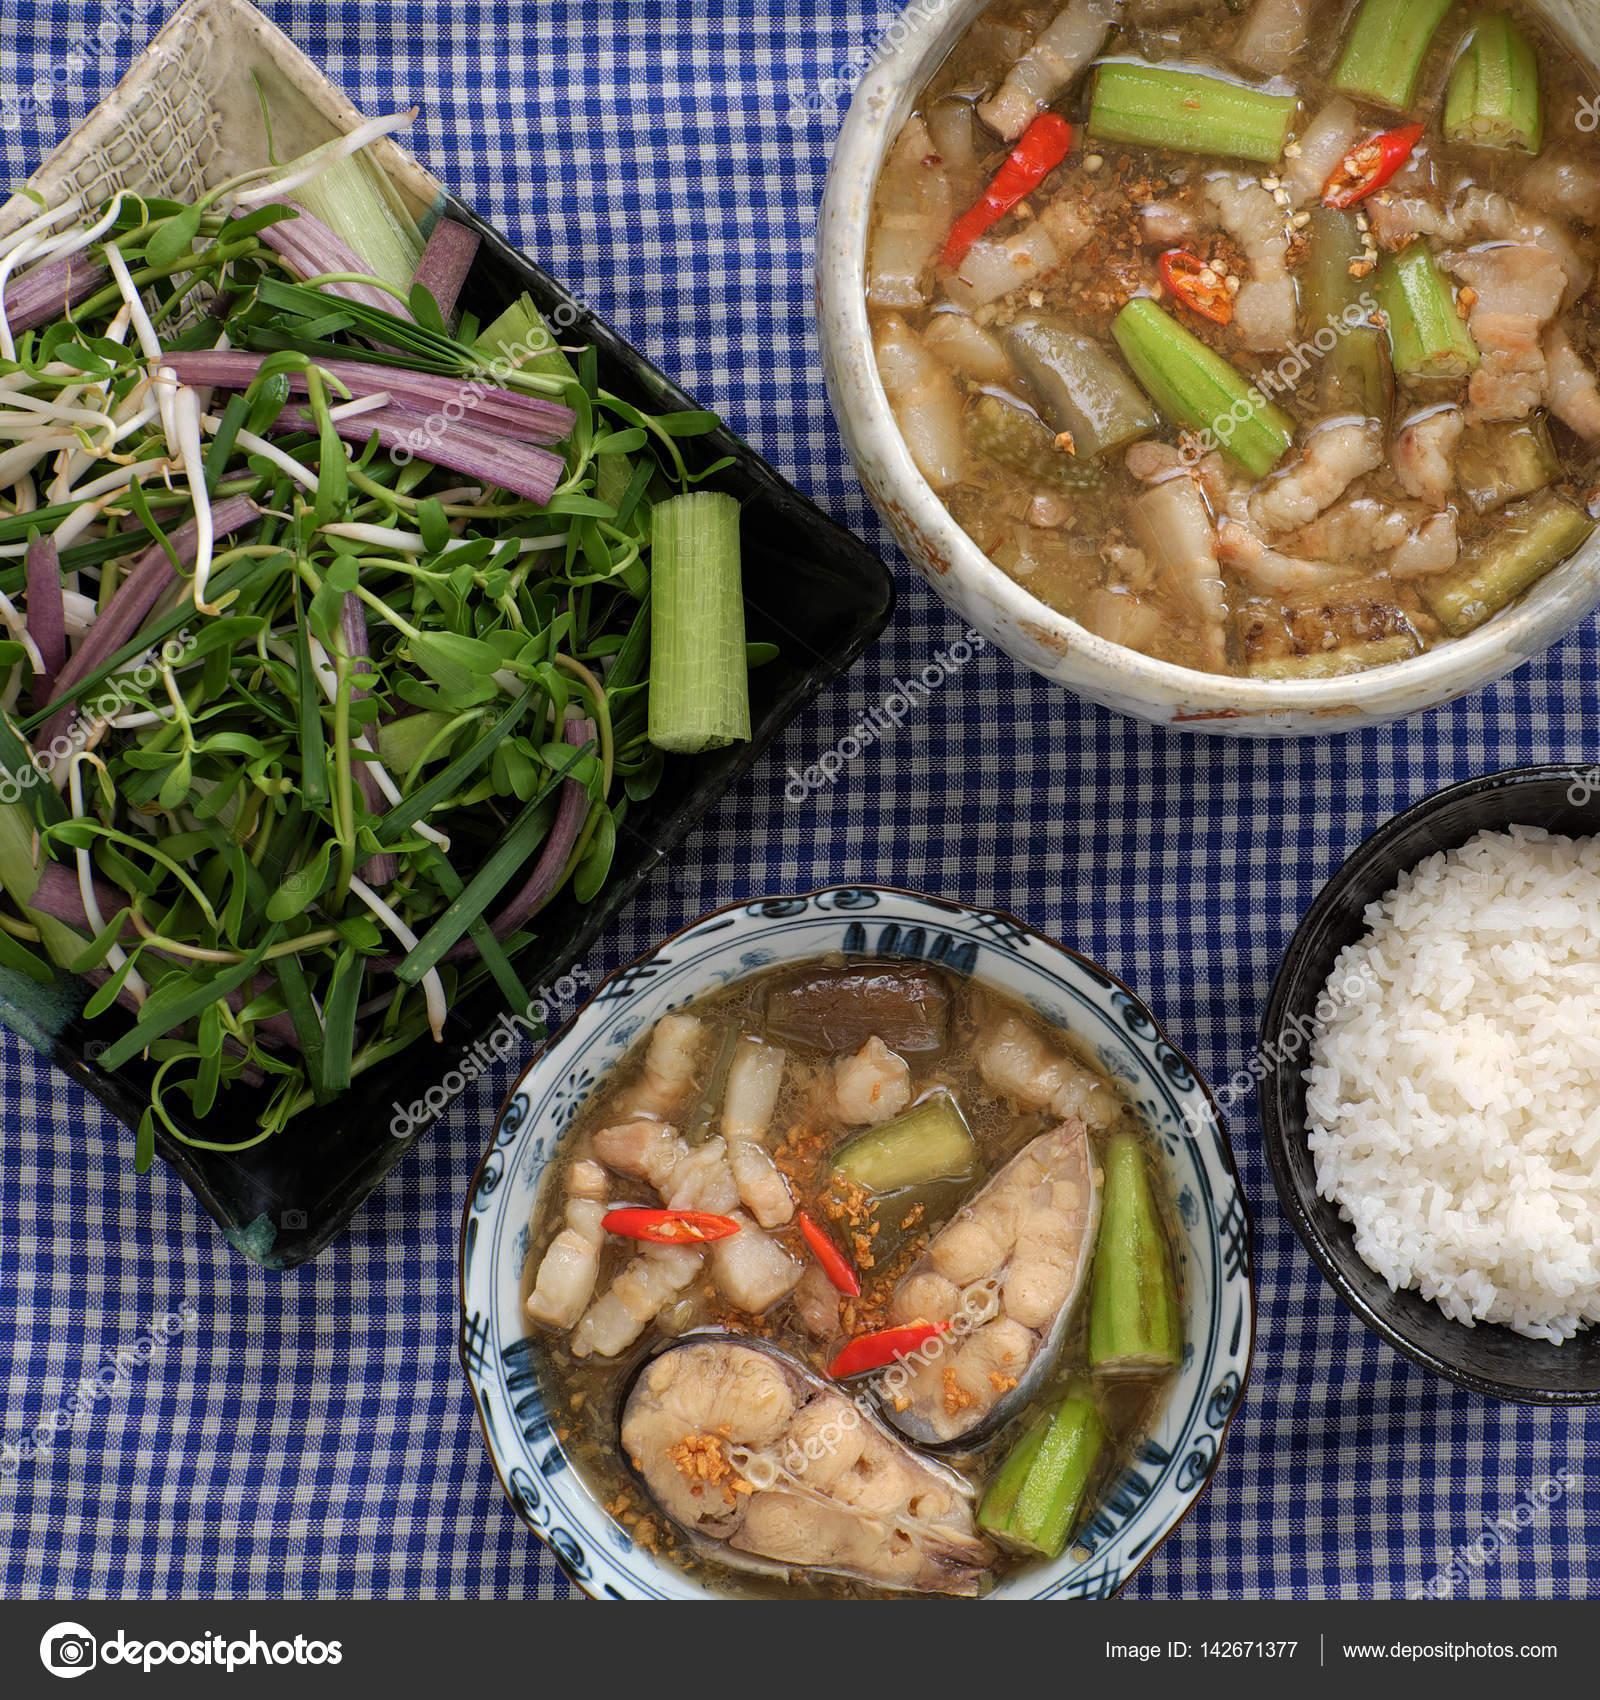 Cuisine Vietnamienne: Cuisine Vietnamienne Pour Repas Quotidien, Mam Kho